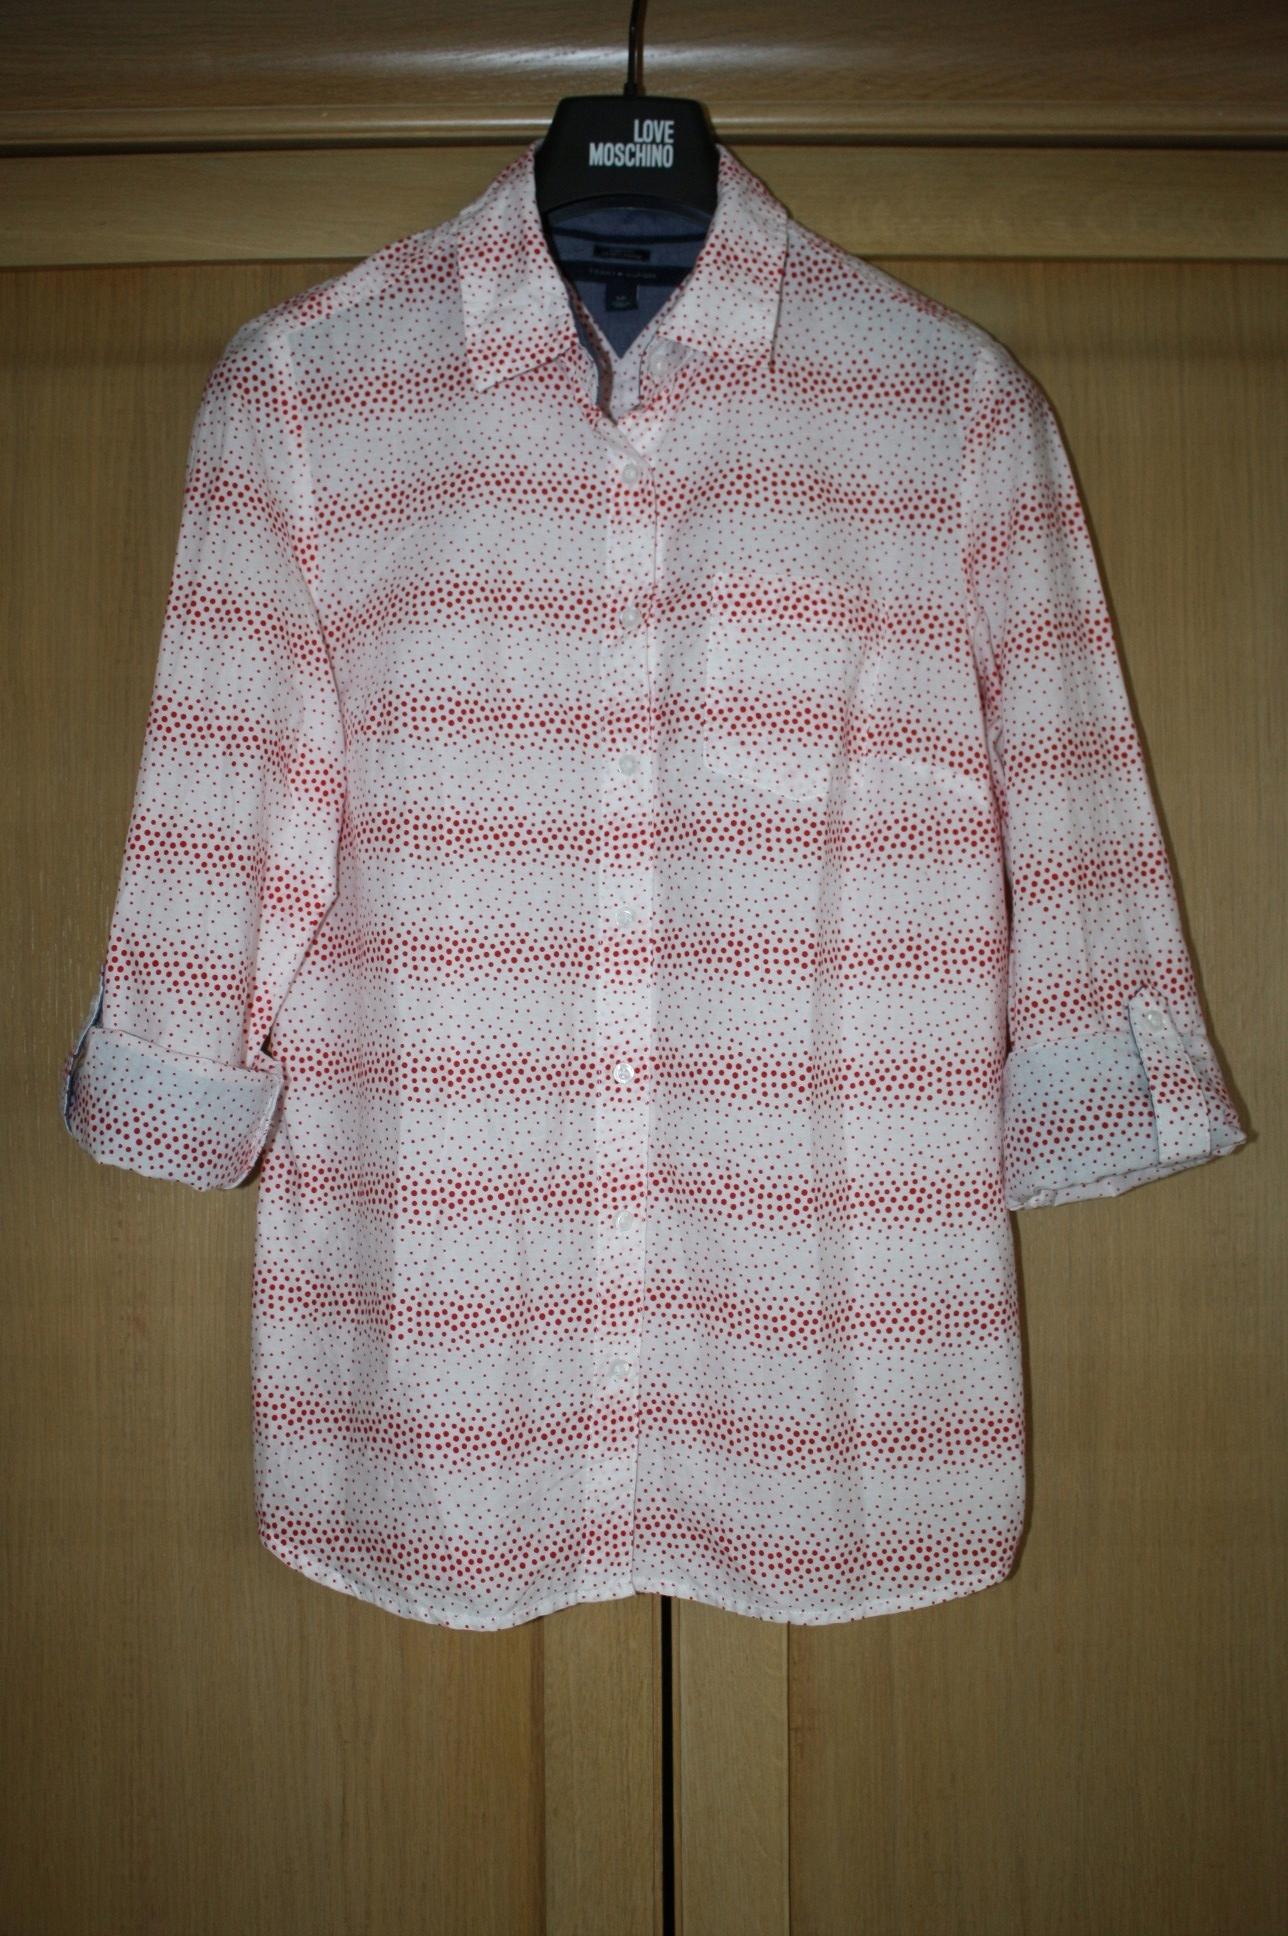 d55675e6b Boska damska koszula w kropki marki Tommy Hilfiger - 7535904013 ...